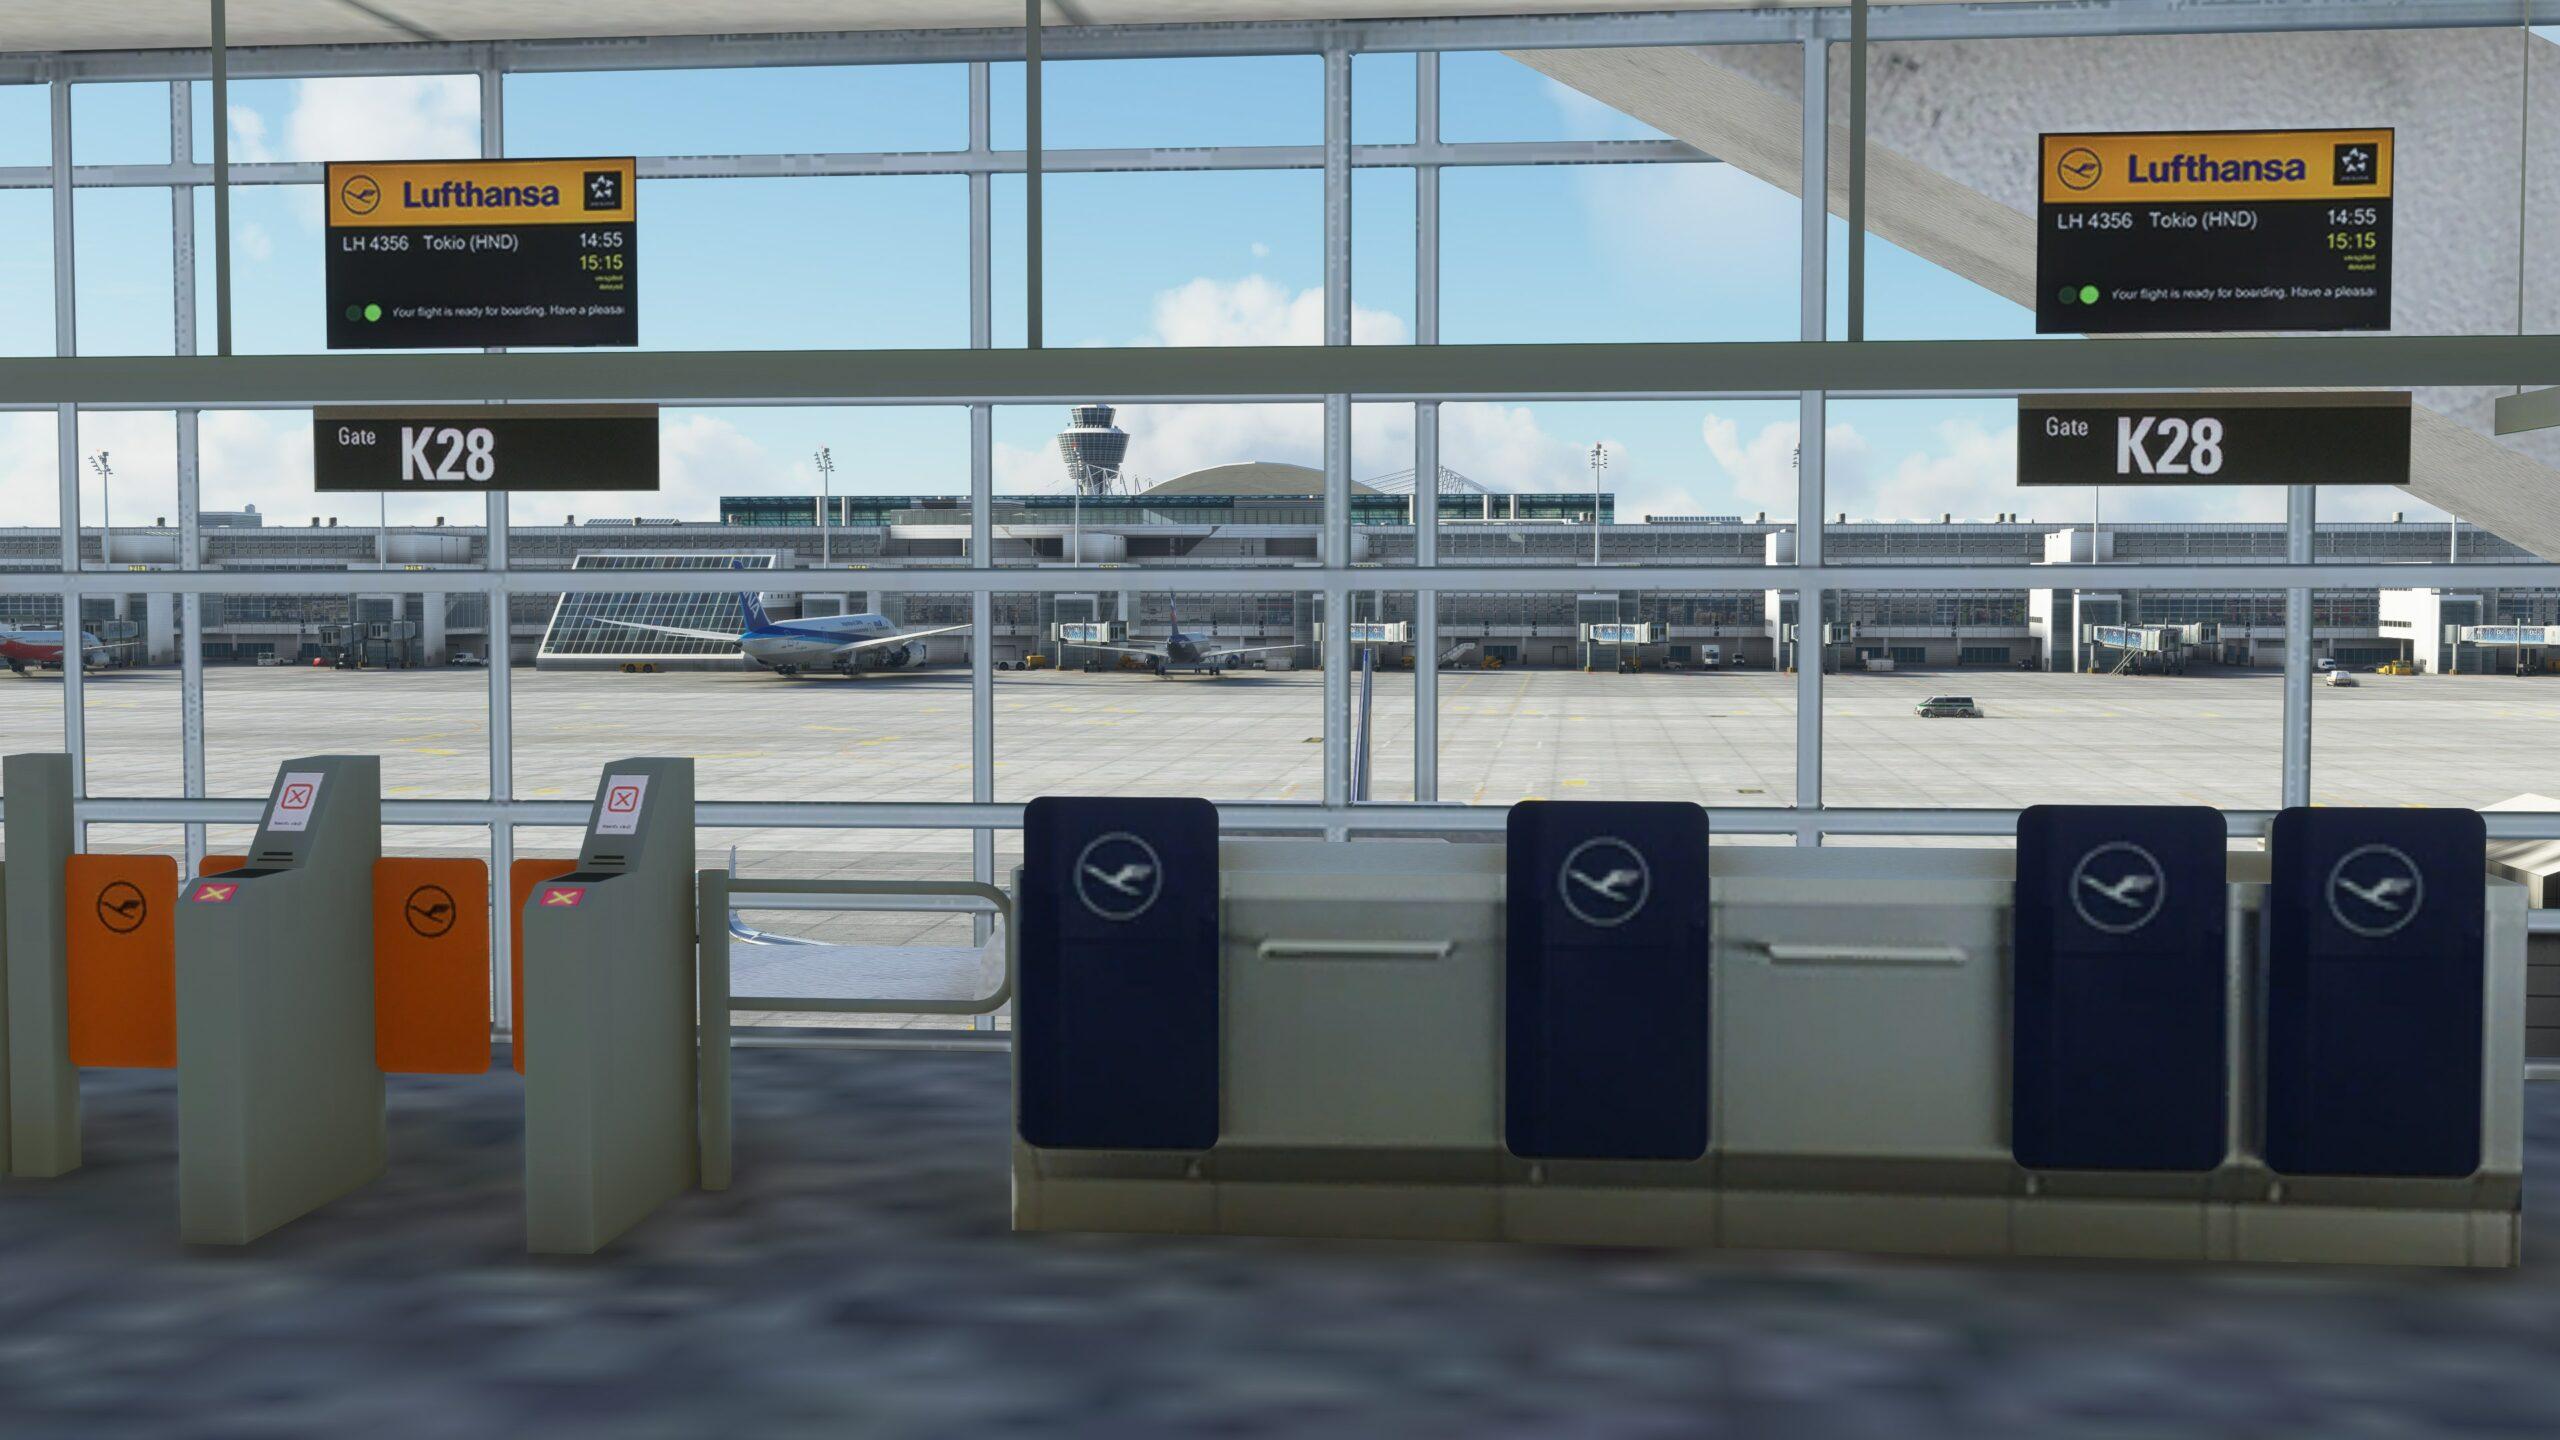 FlightSimulator_svN7yVpc6Q